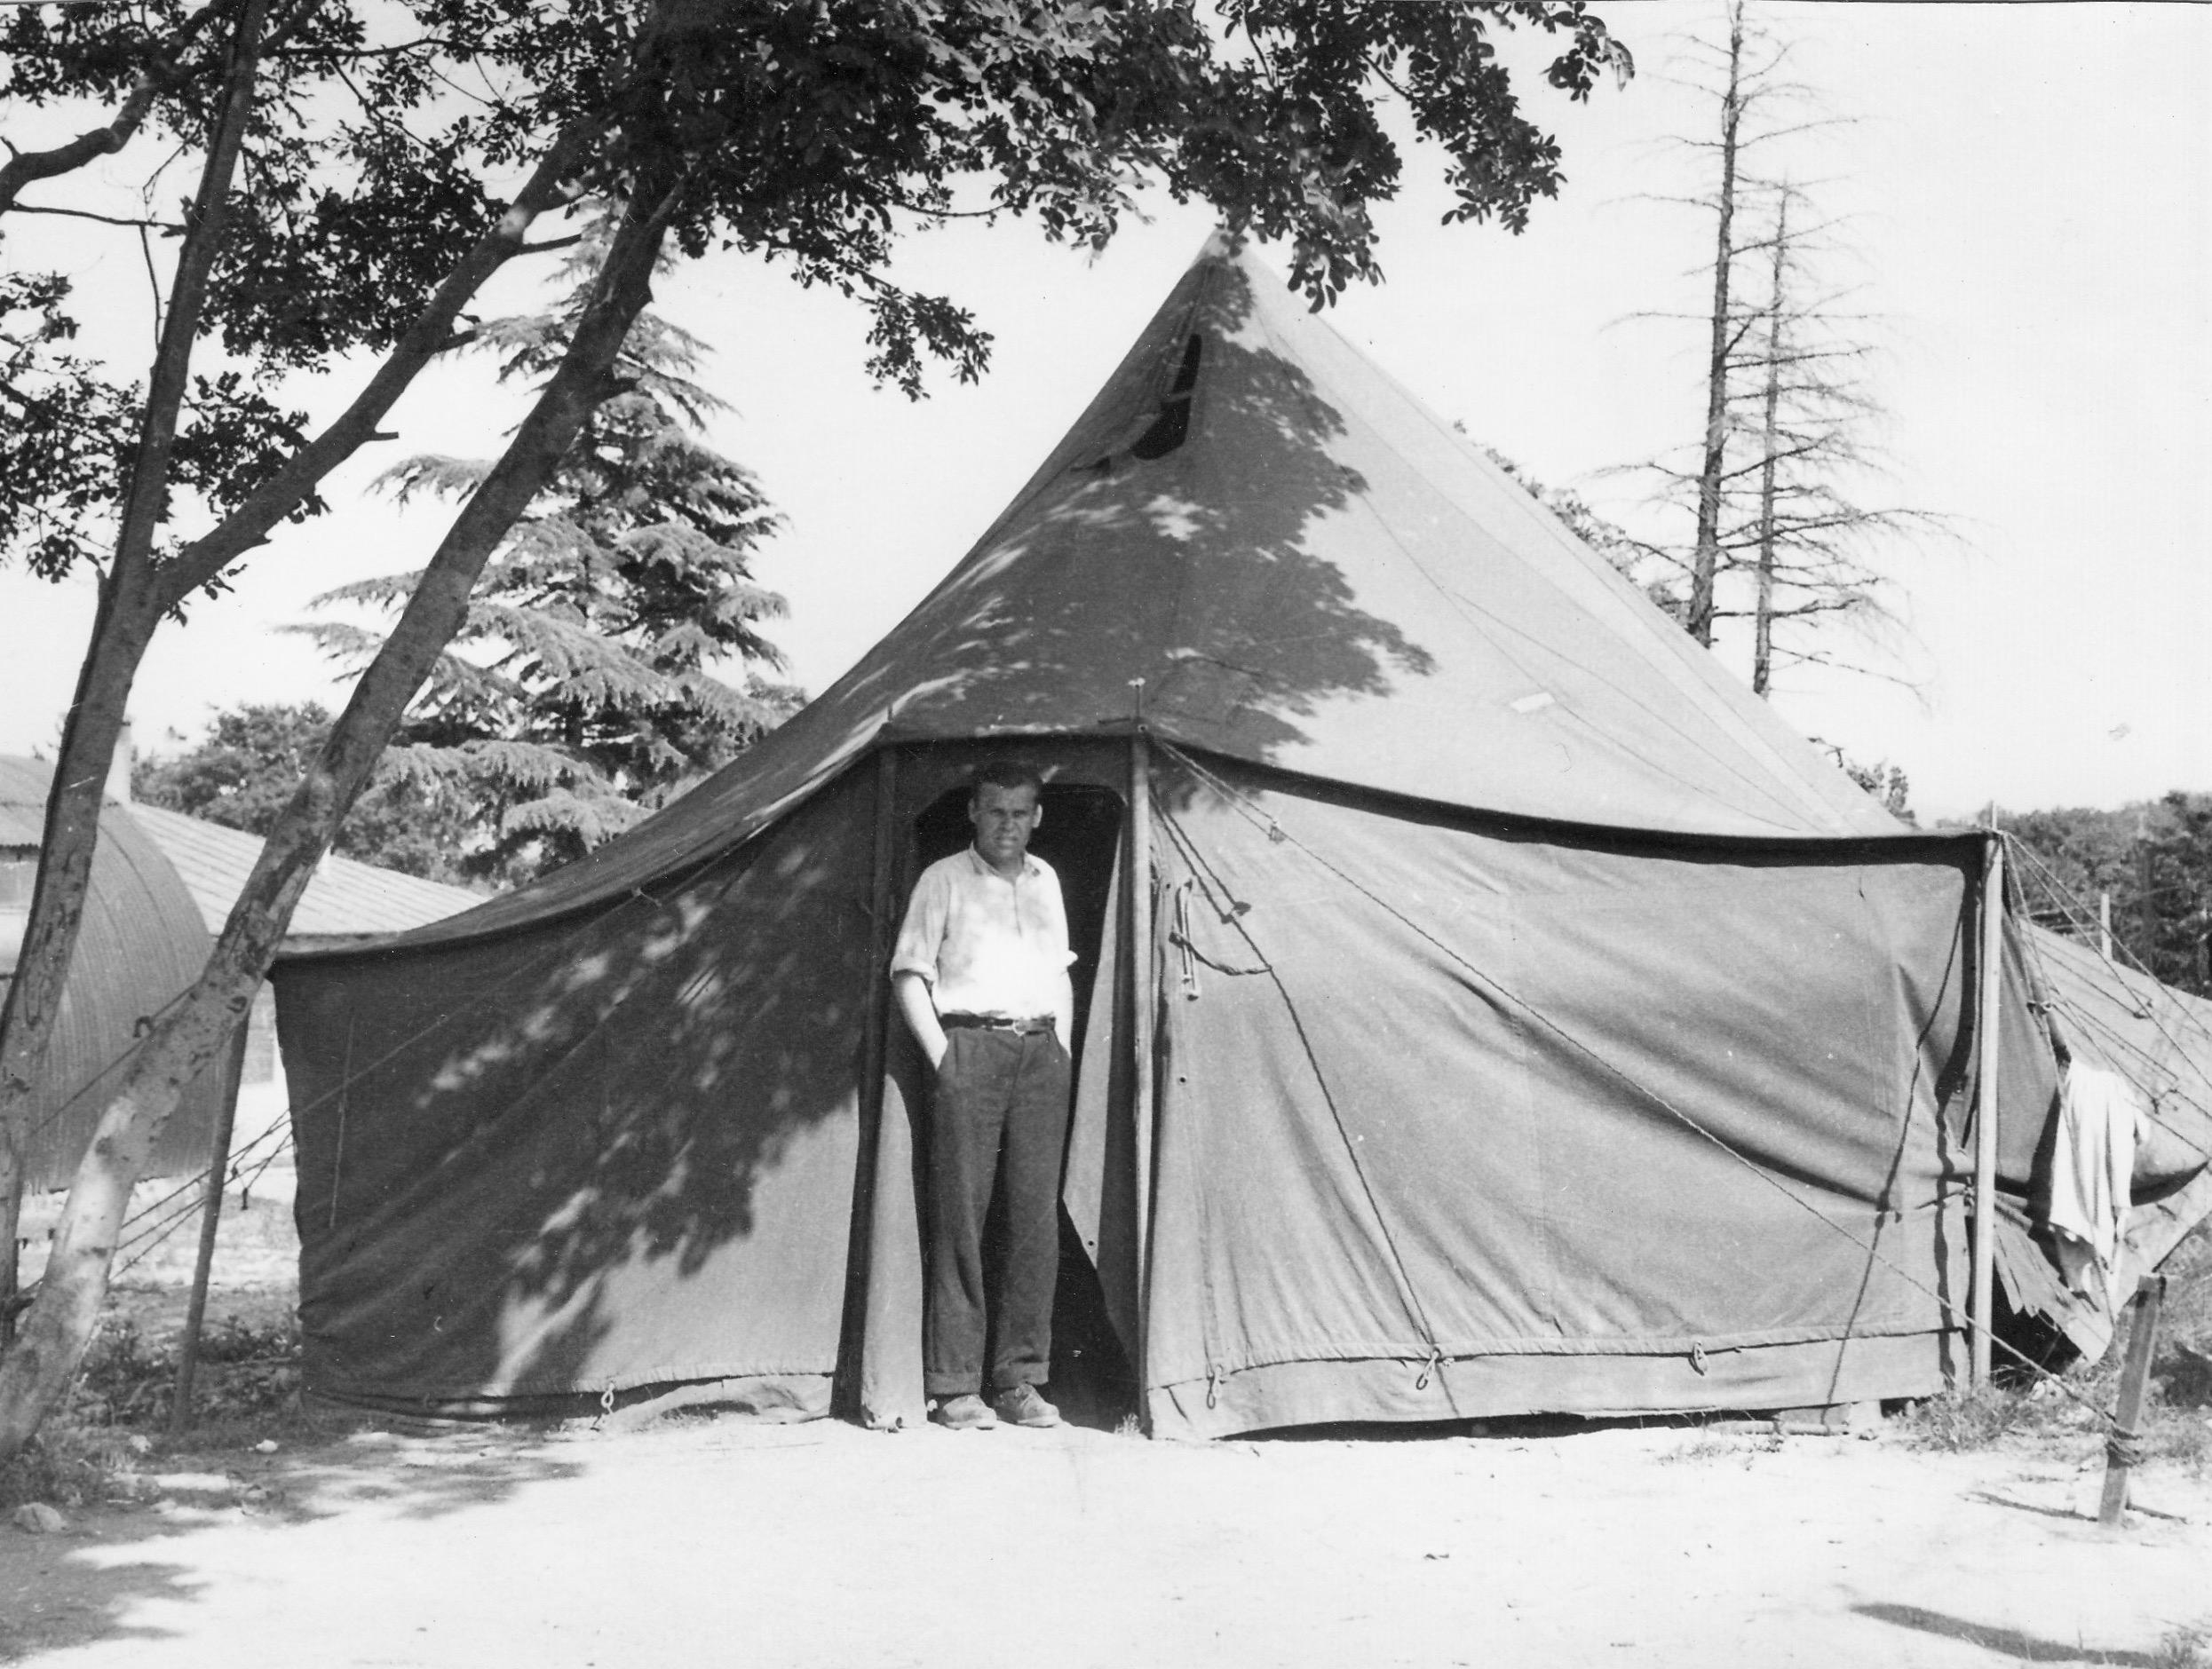 Opincina camp tents, 1950-51